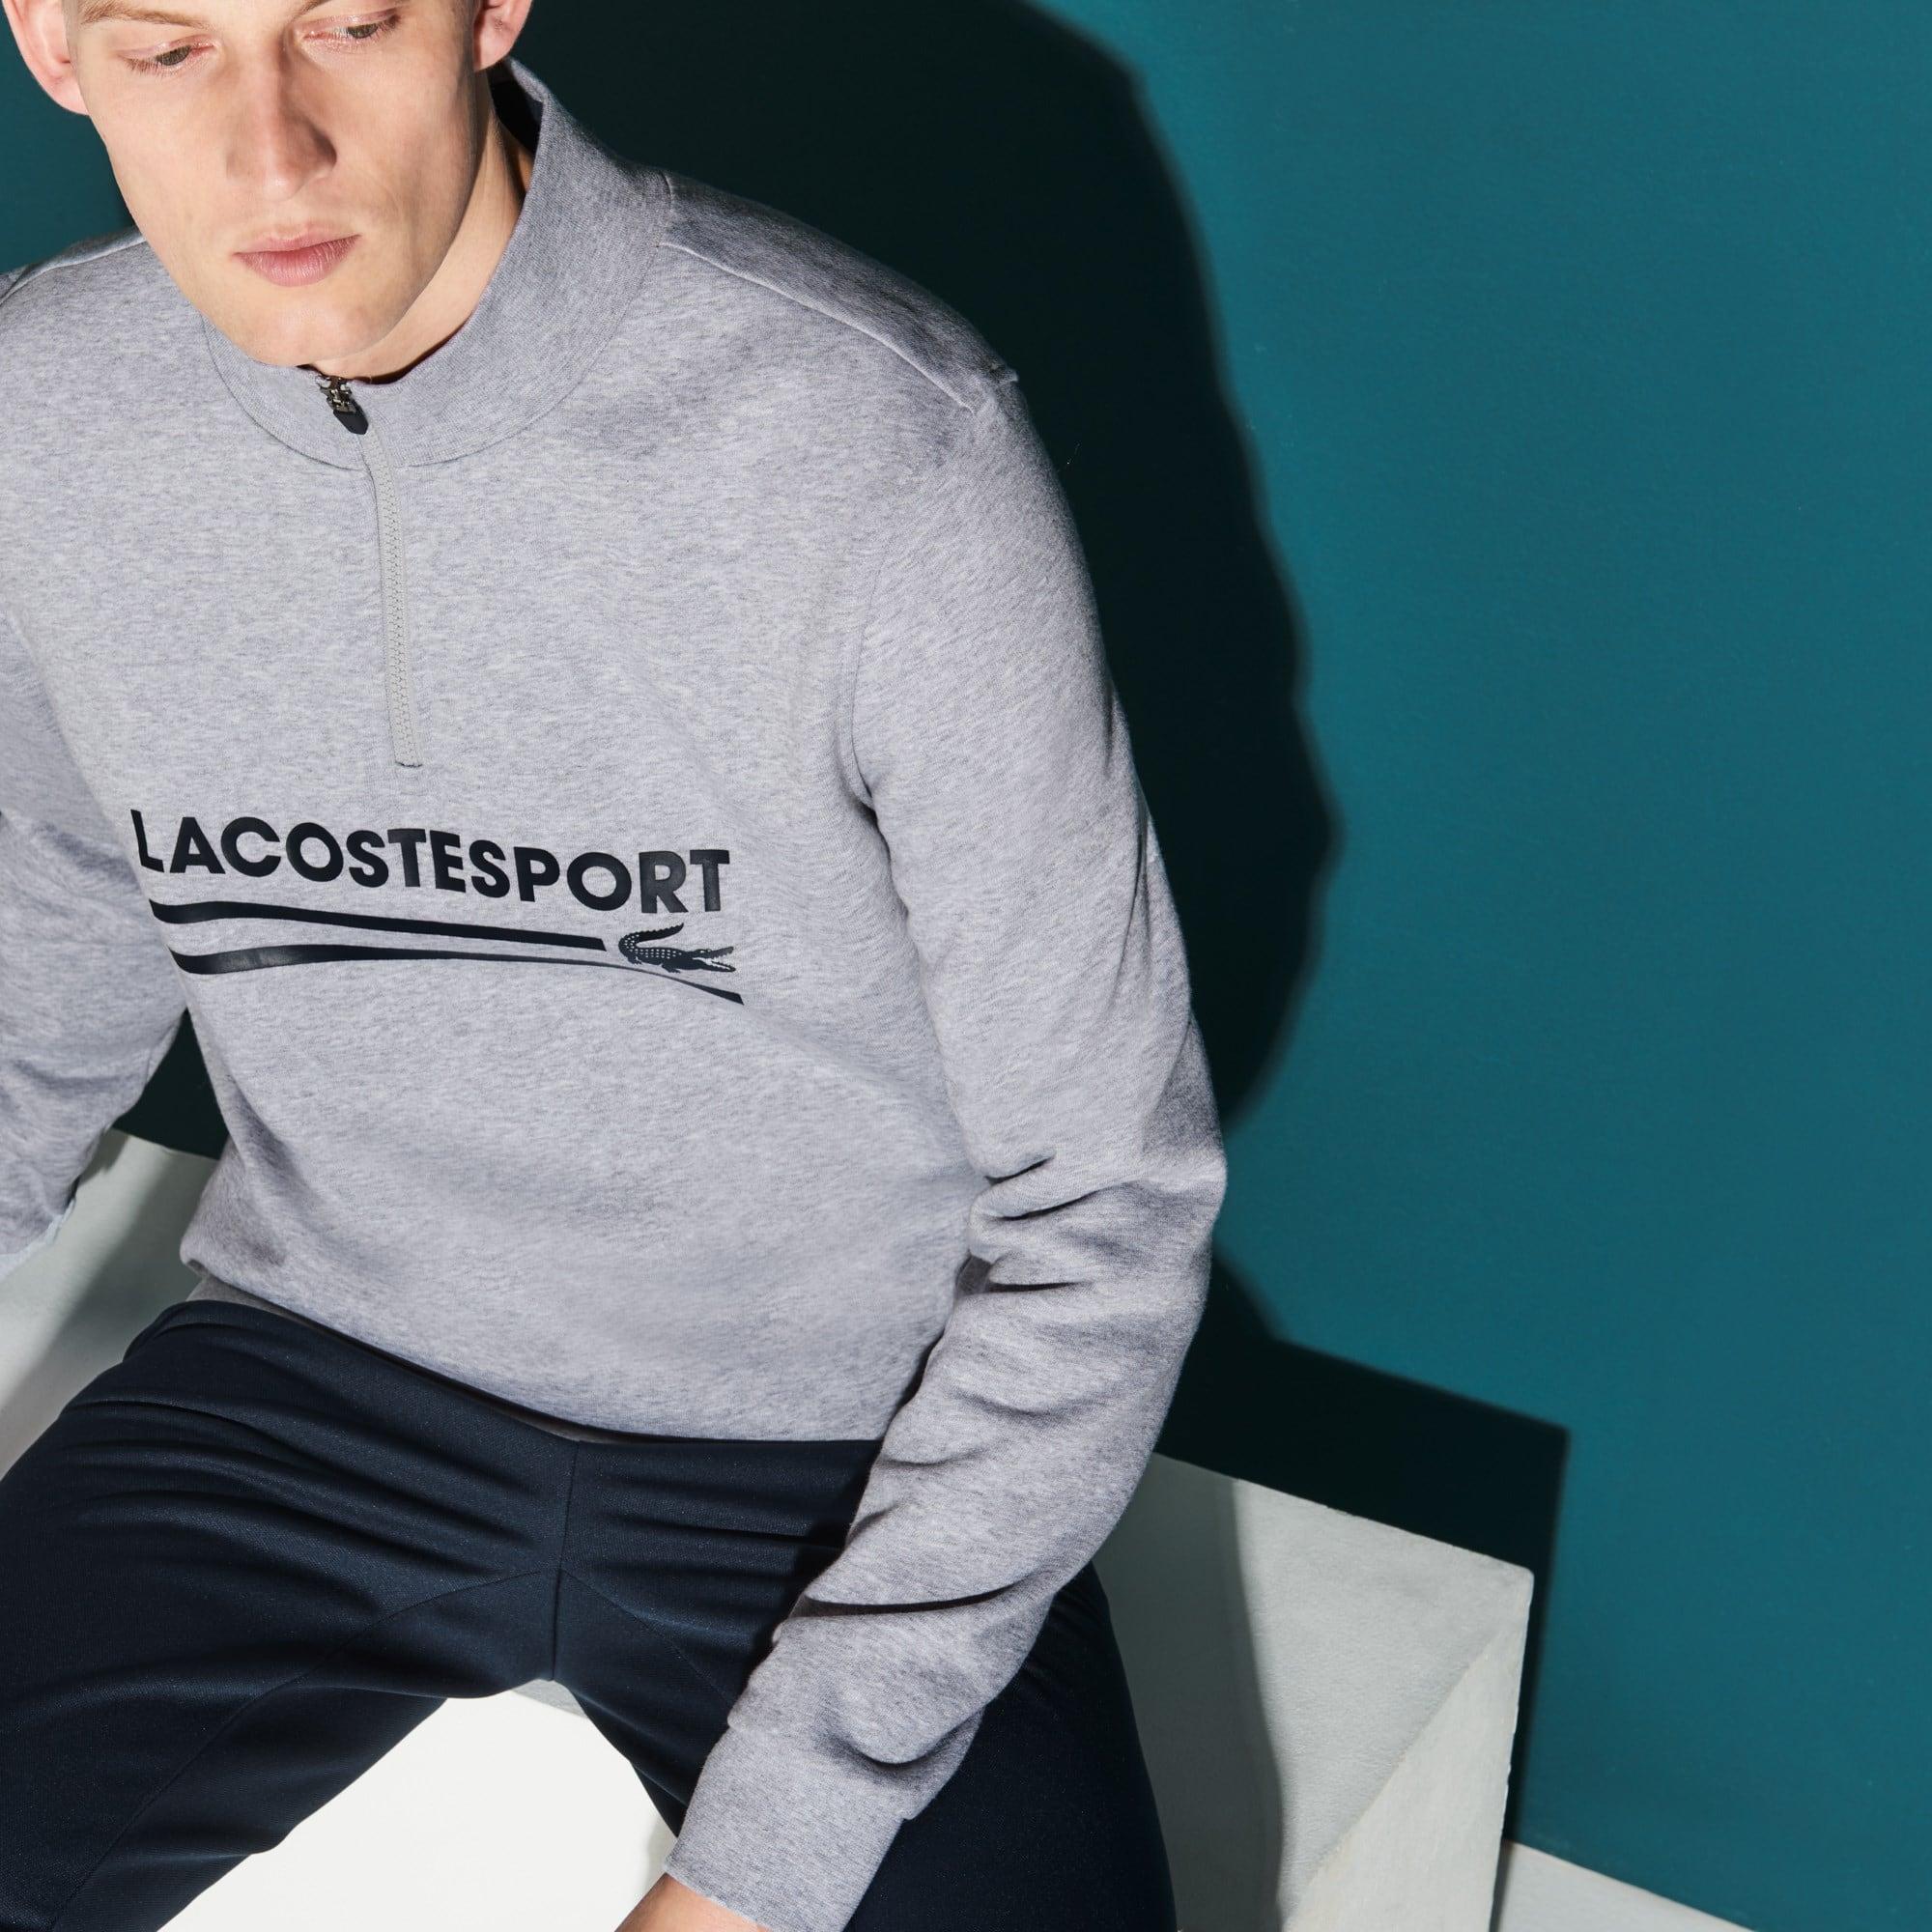 Sweatshirt de gola subida com fecho de correr Tennis Lacoste SPORT em moletão unicolor